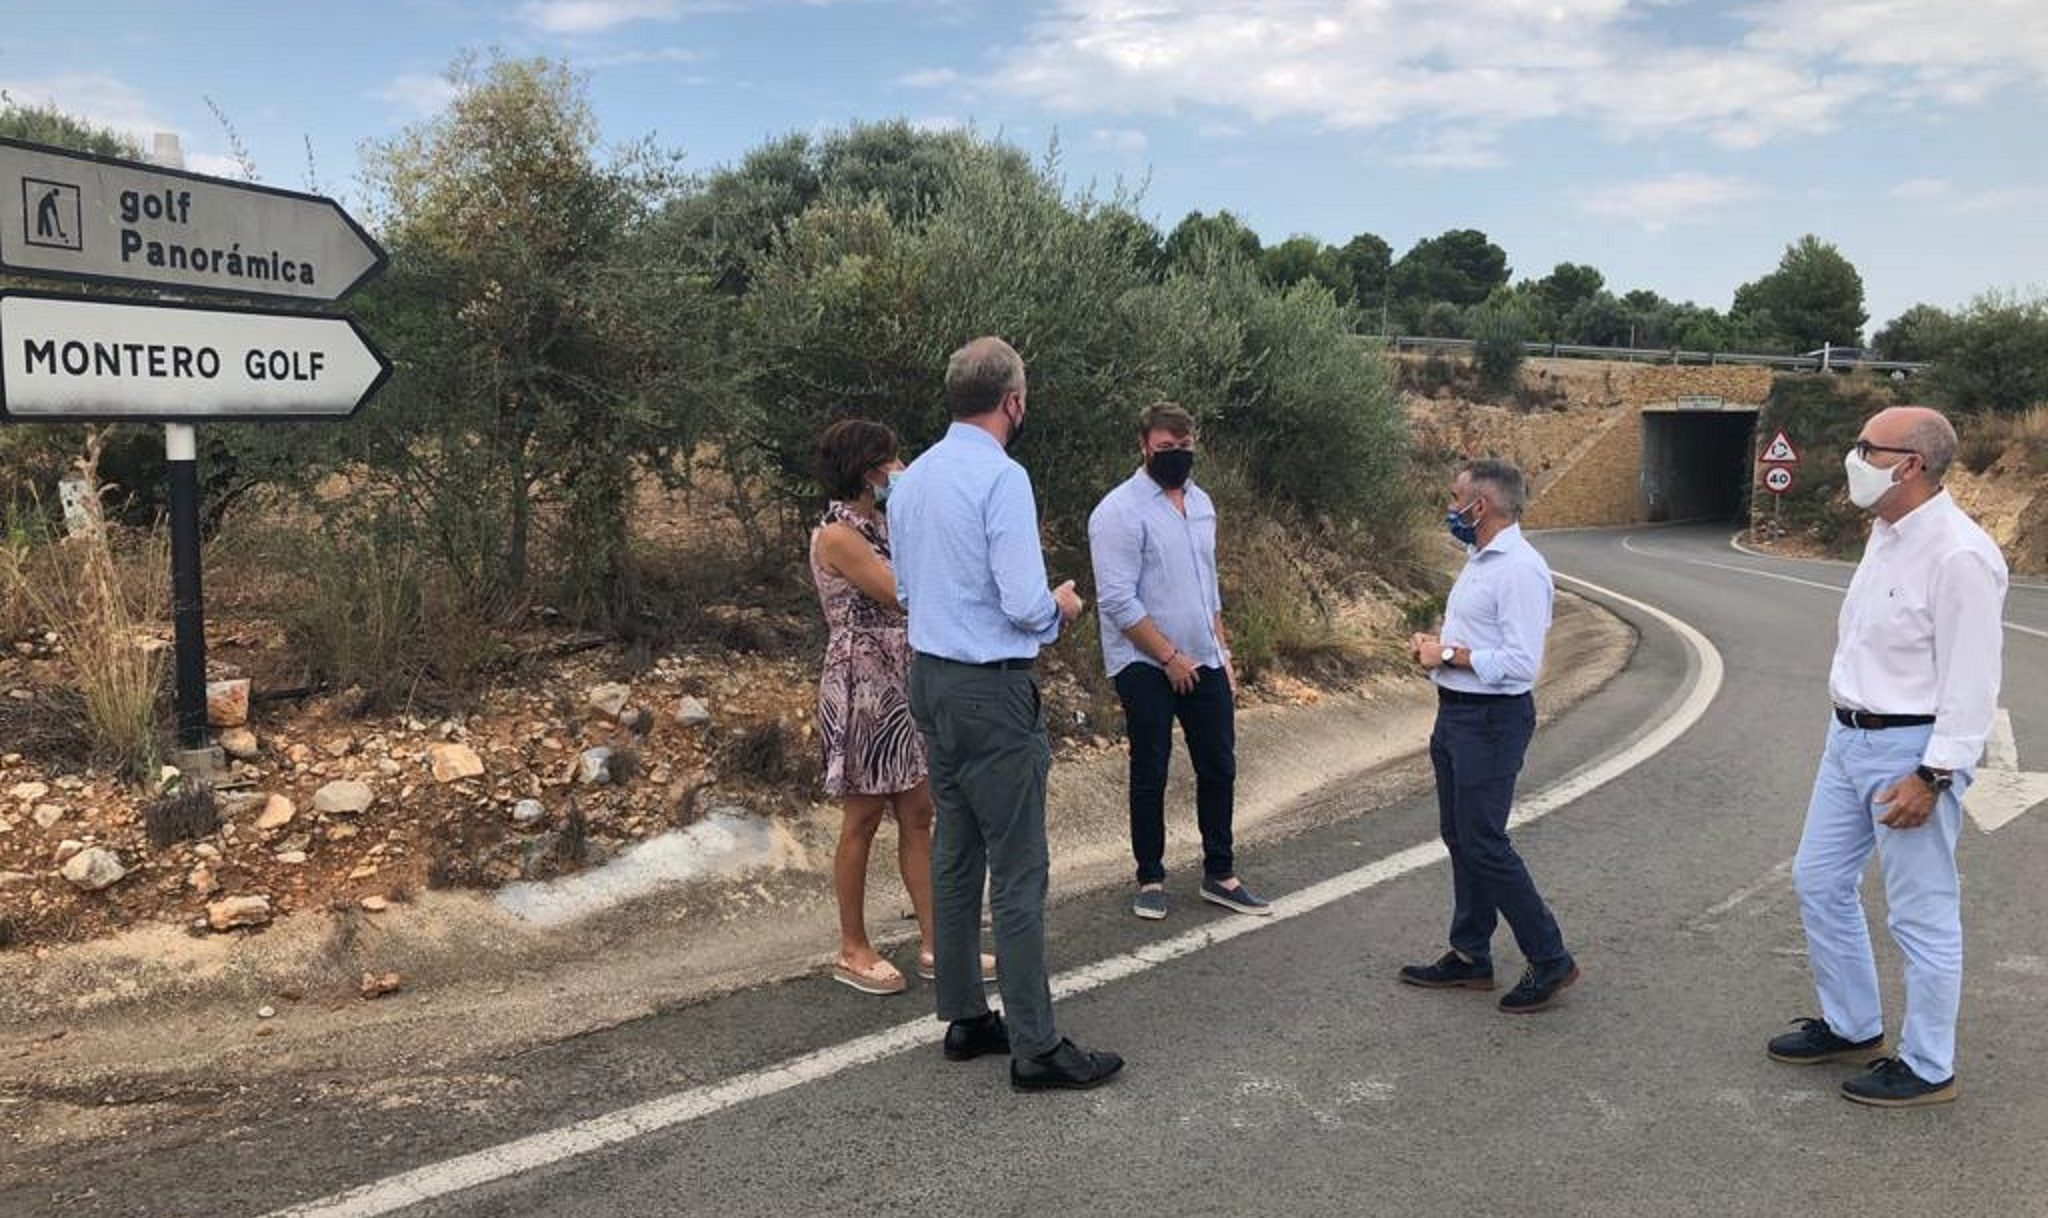 El PP reivindica les infraestructures 'anul·lades' pel PSOE a Castelló i exigeix recuperar el trànsit ferroviari